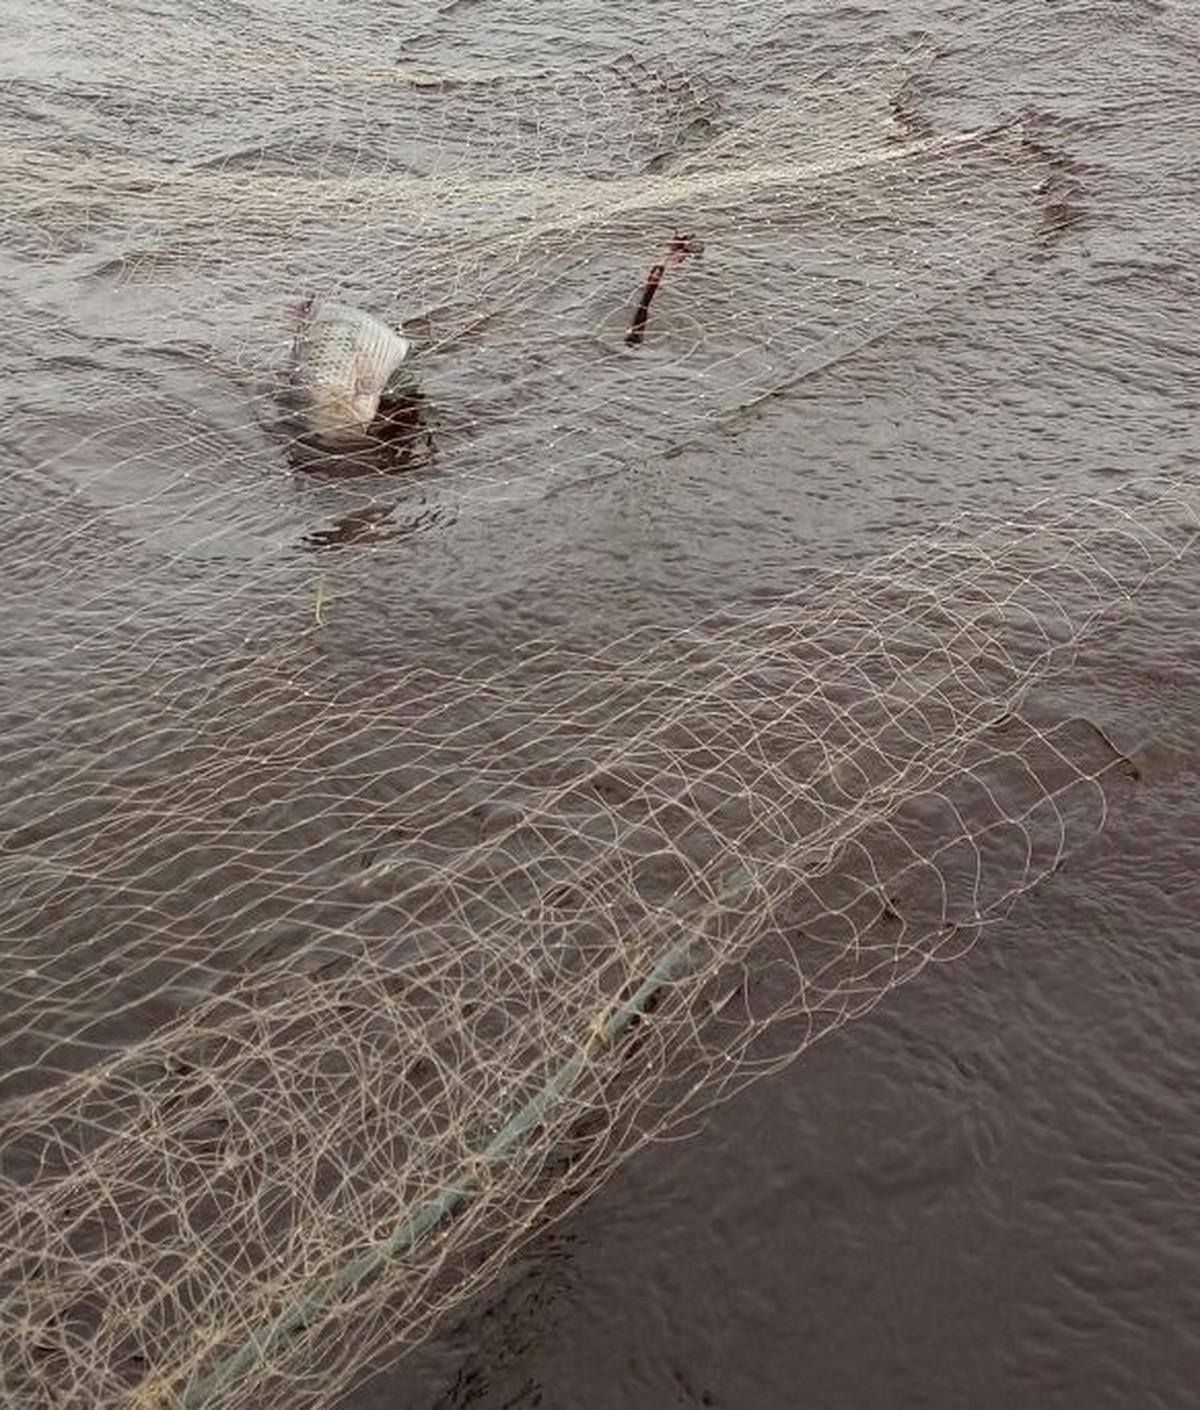 Polícia Ambiental apreende 300 metros de rede de pesca e uma tarrafa em Campos, no RJ